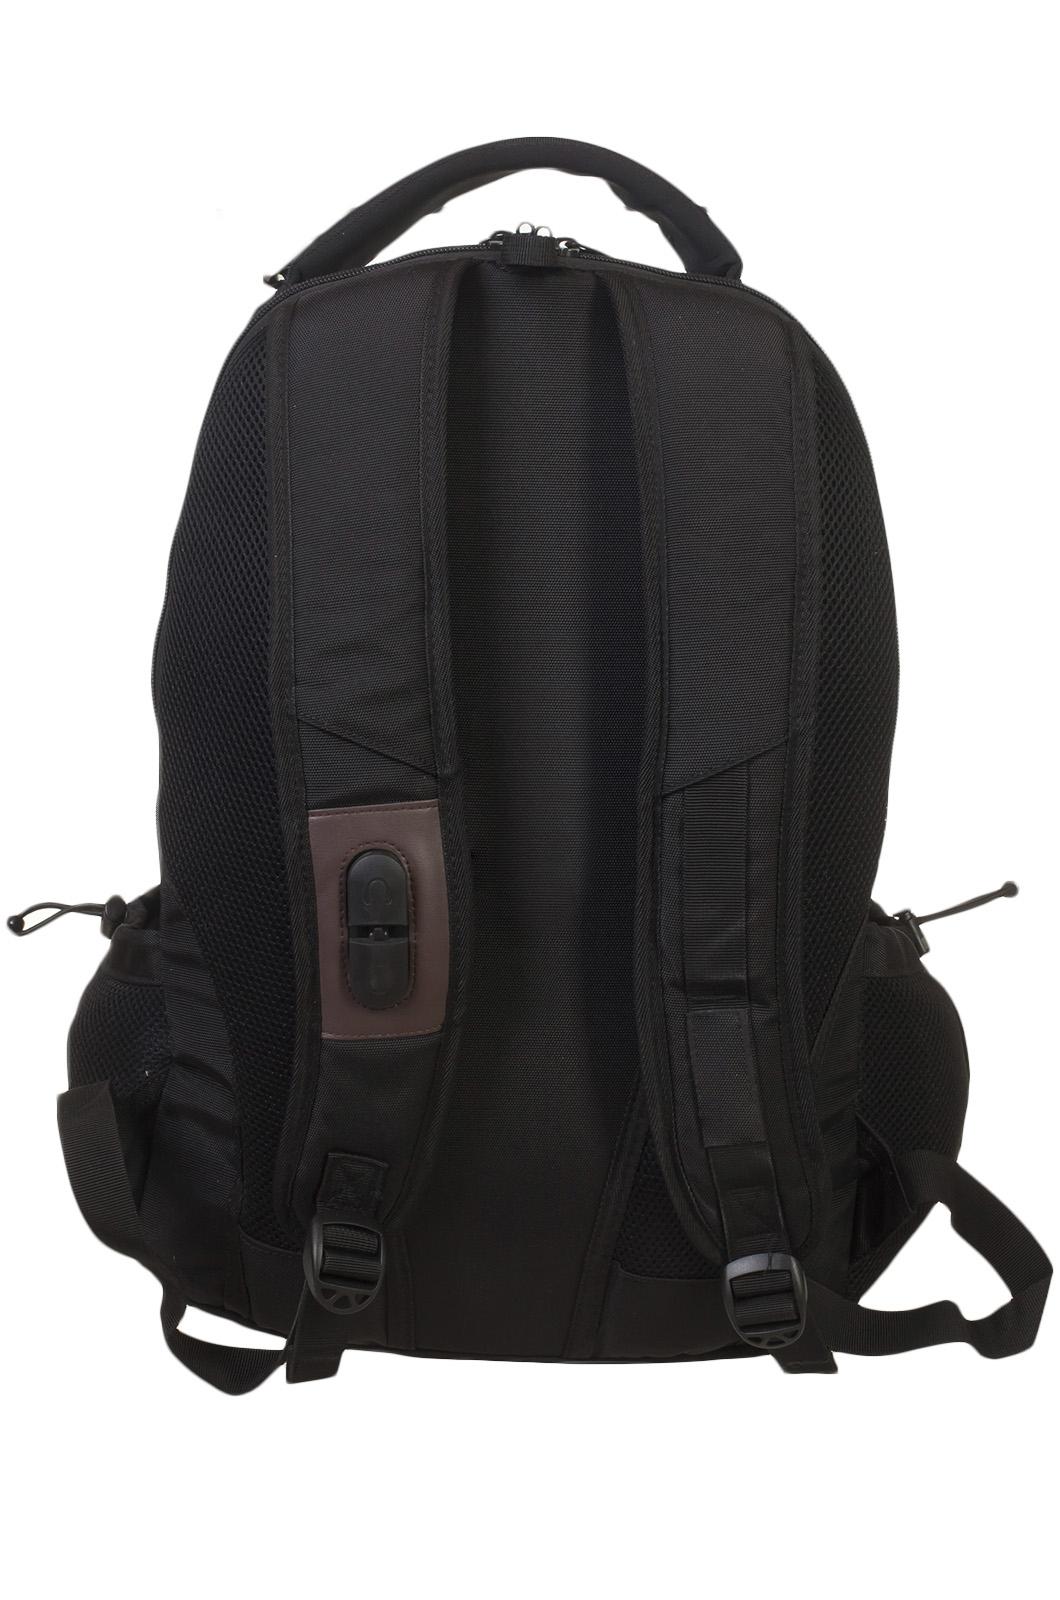 Городской вместительный рюкзак с нашивкой Спецназ ГРУ - заказать по низкой цене